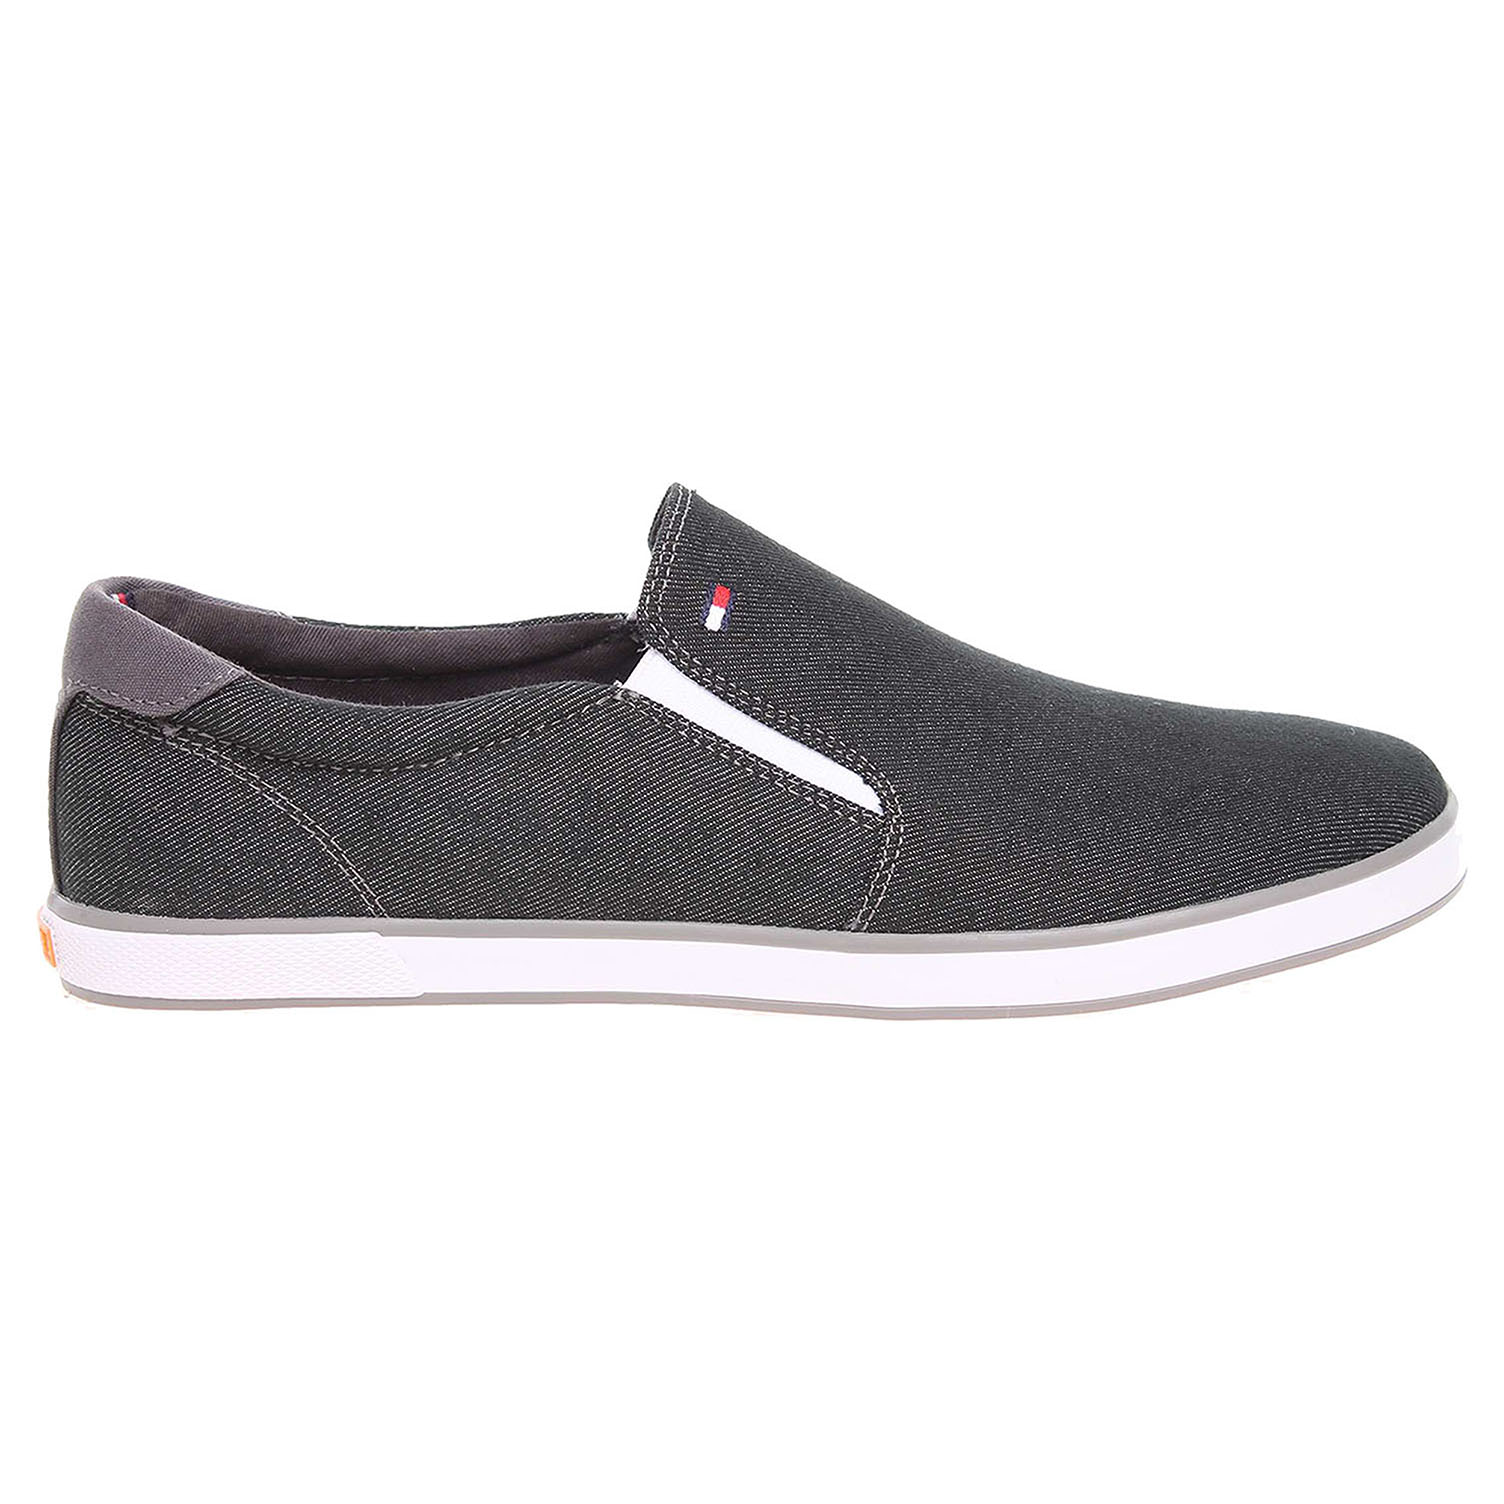 Tommy Hilfiger pánská obuv FM56820911 H2285ARLOW 2F černá 45